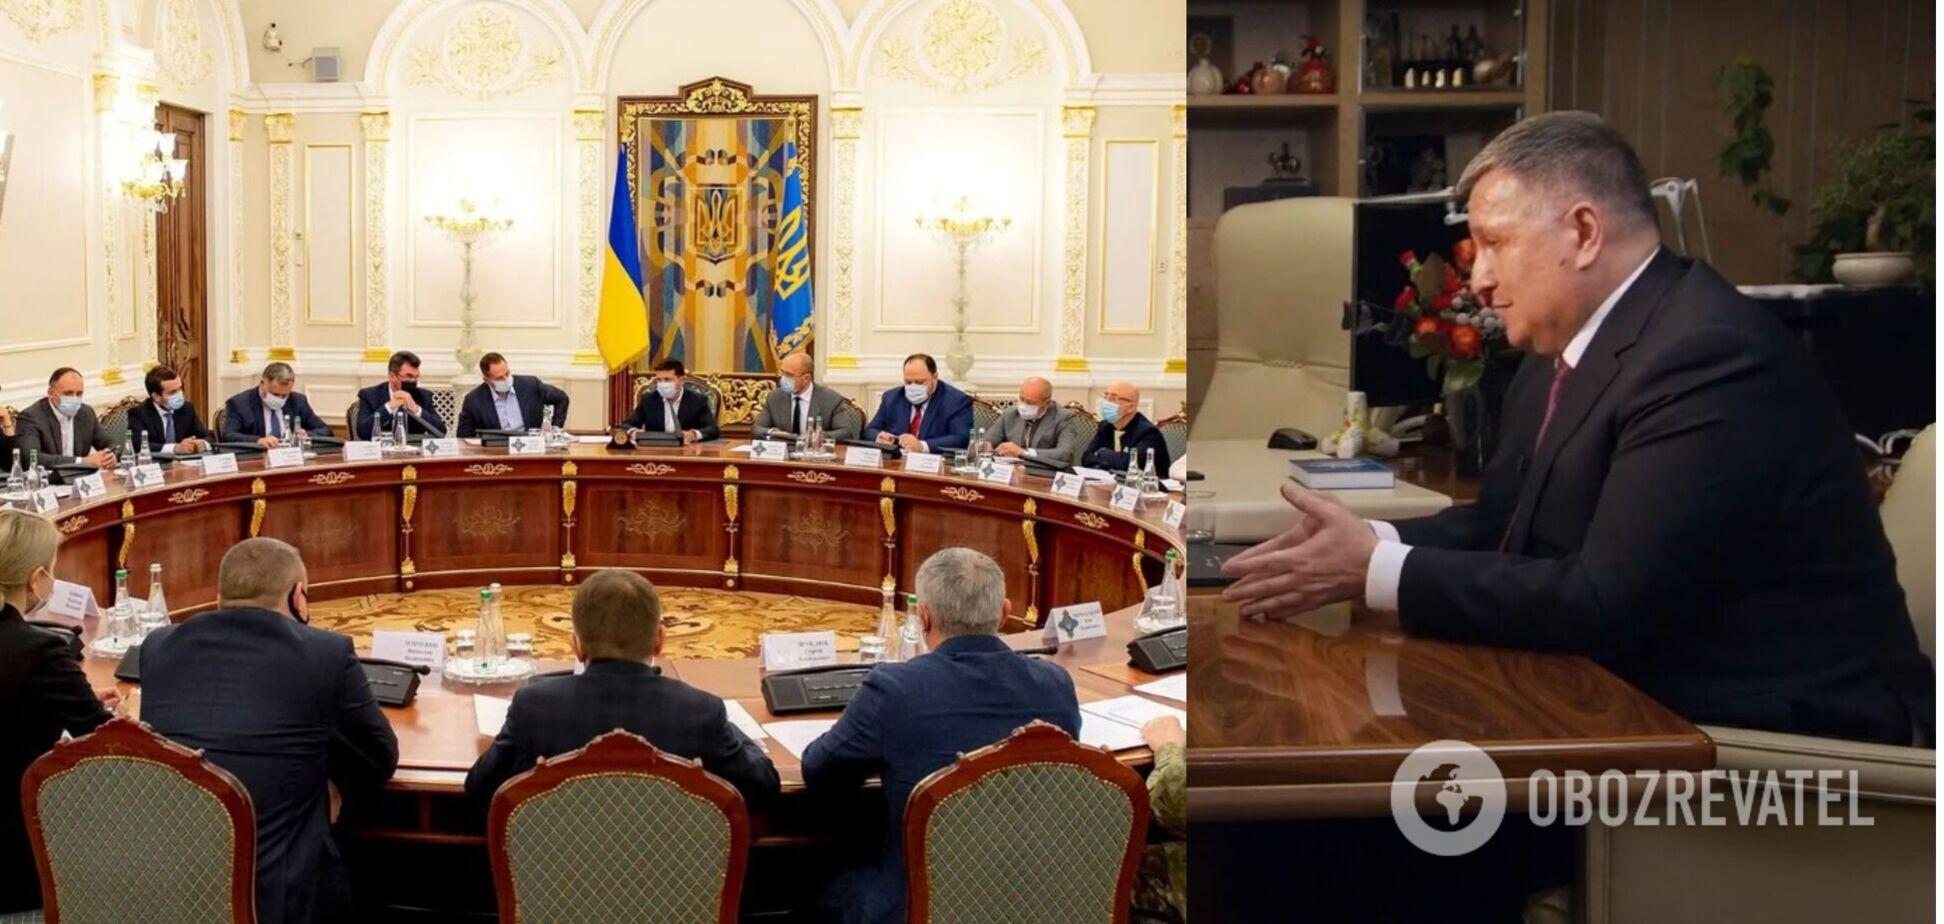 Аваков анонсировал новые санкции СНБО против 'врагов и коллаборантов'